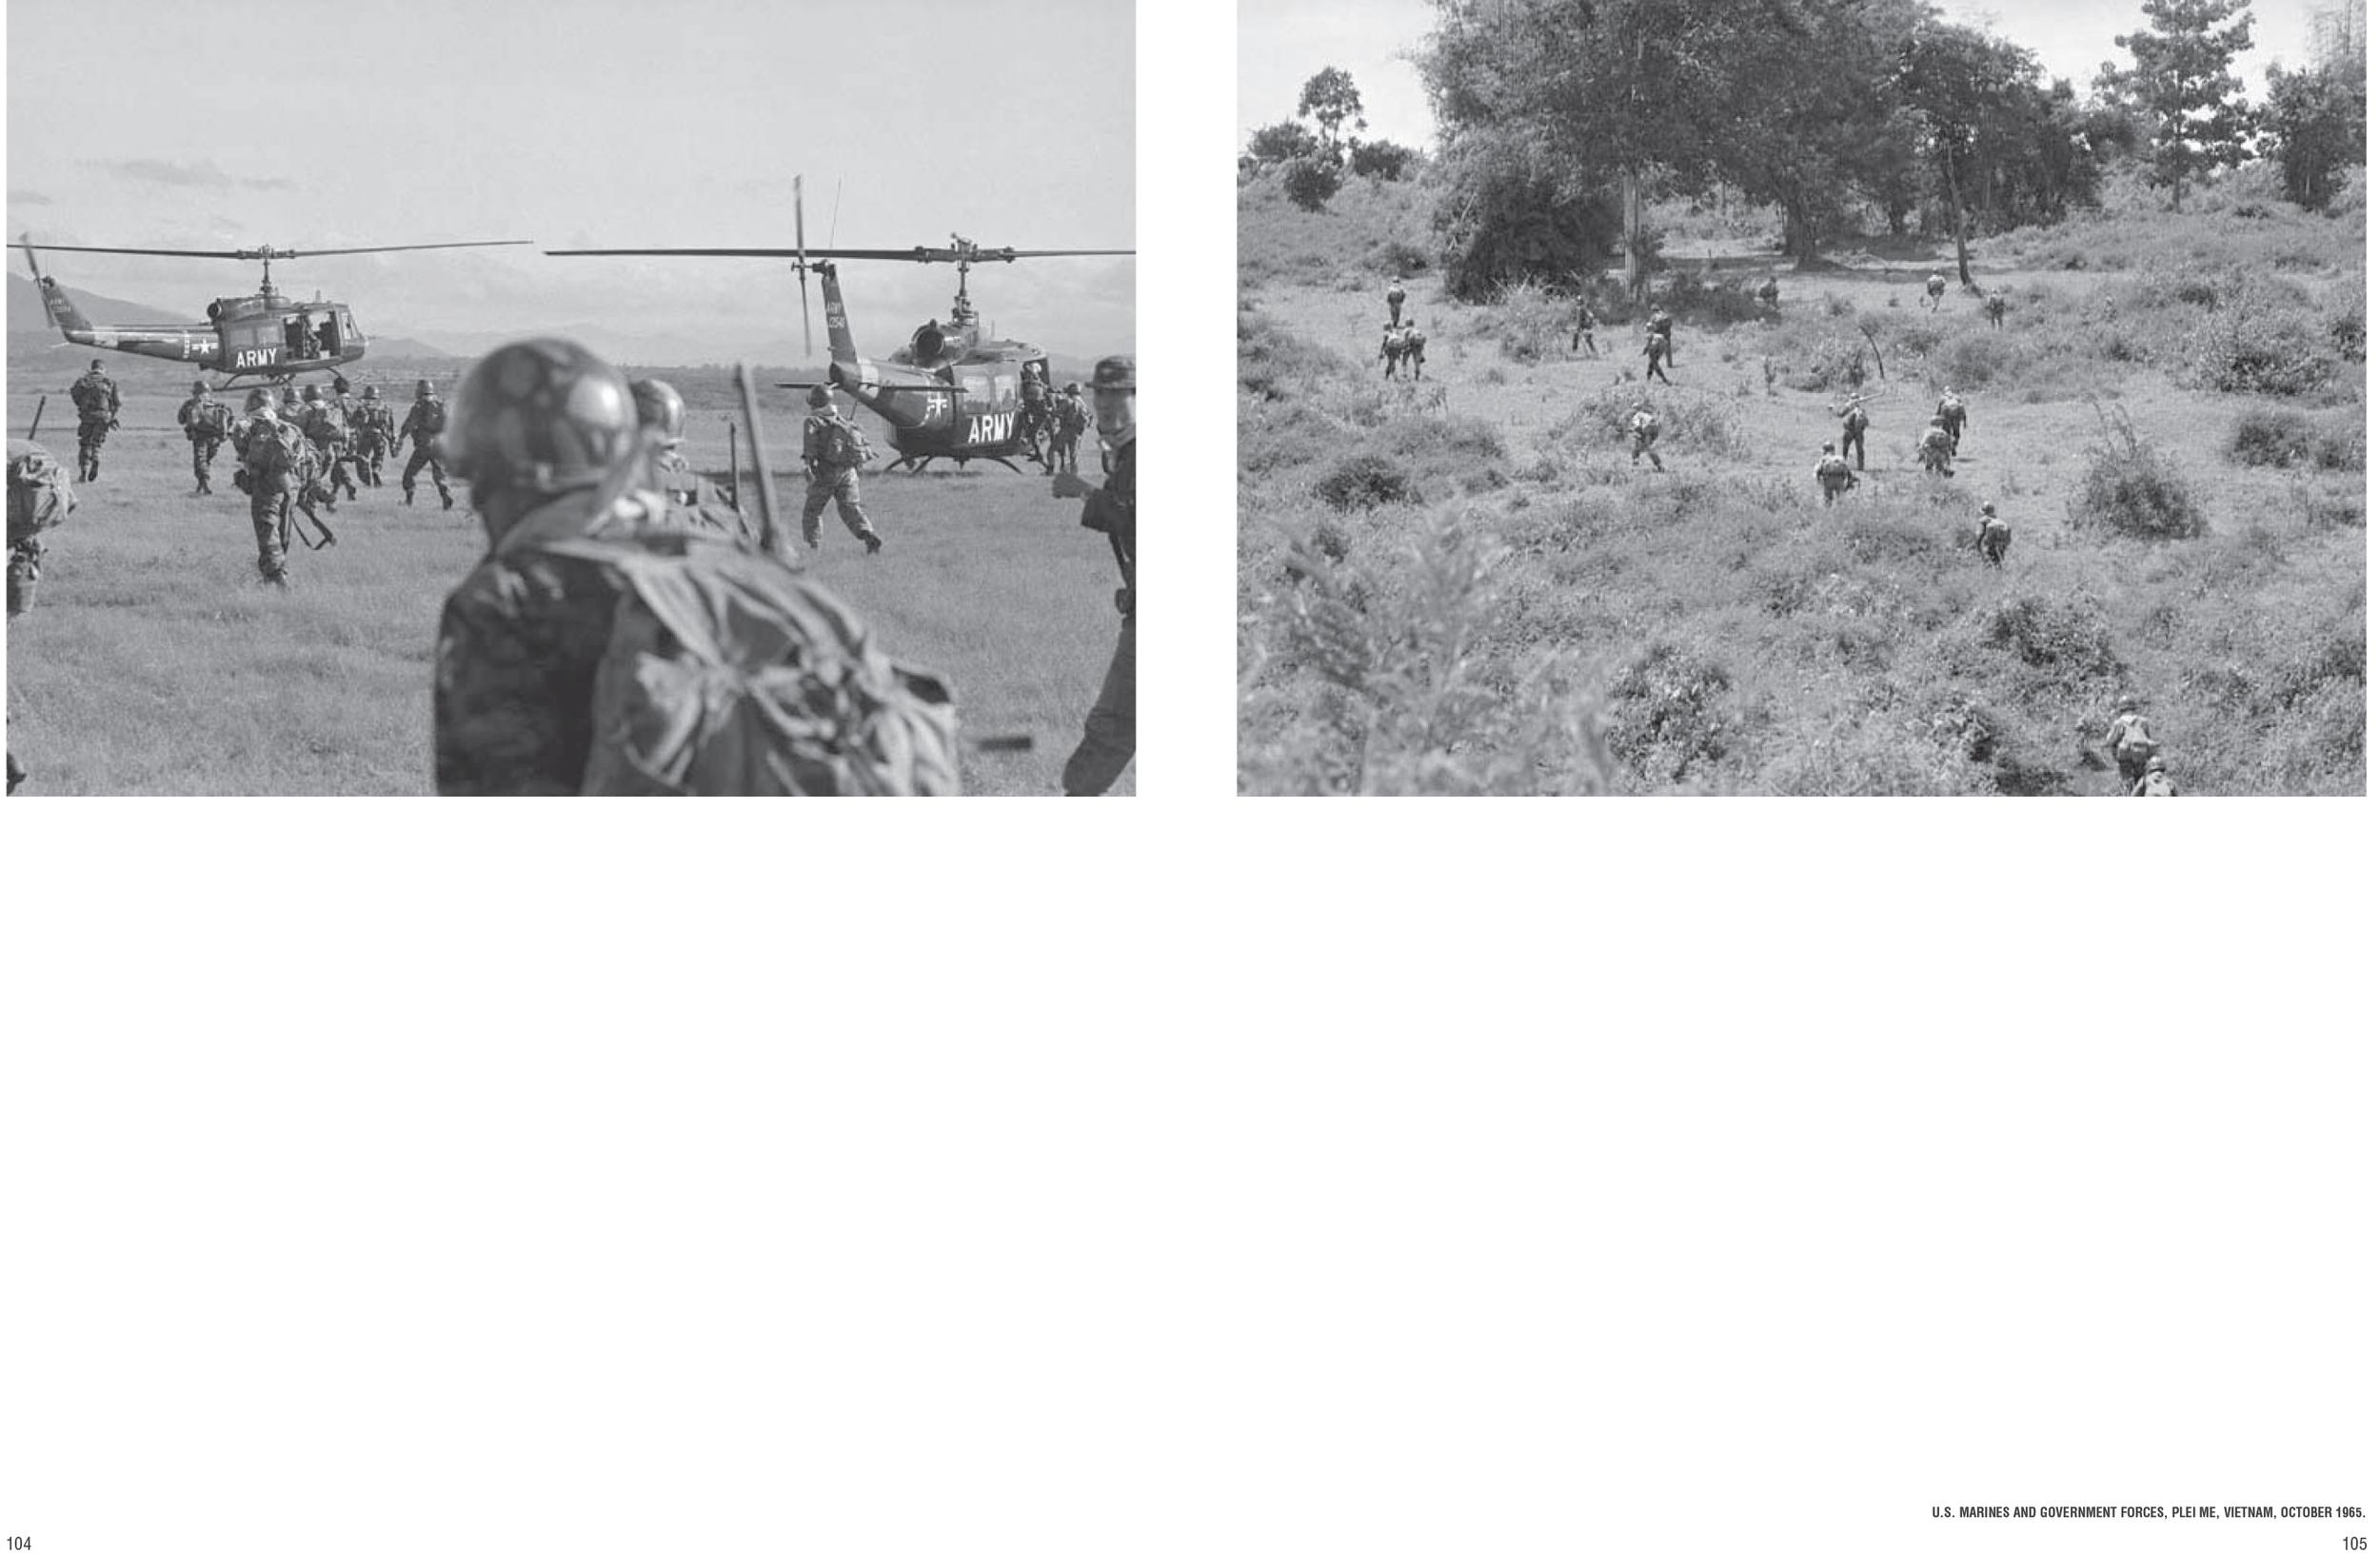 EDDIEADAMS-VIETNAM-FINAL-54.jpg